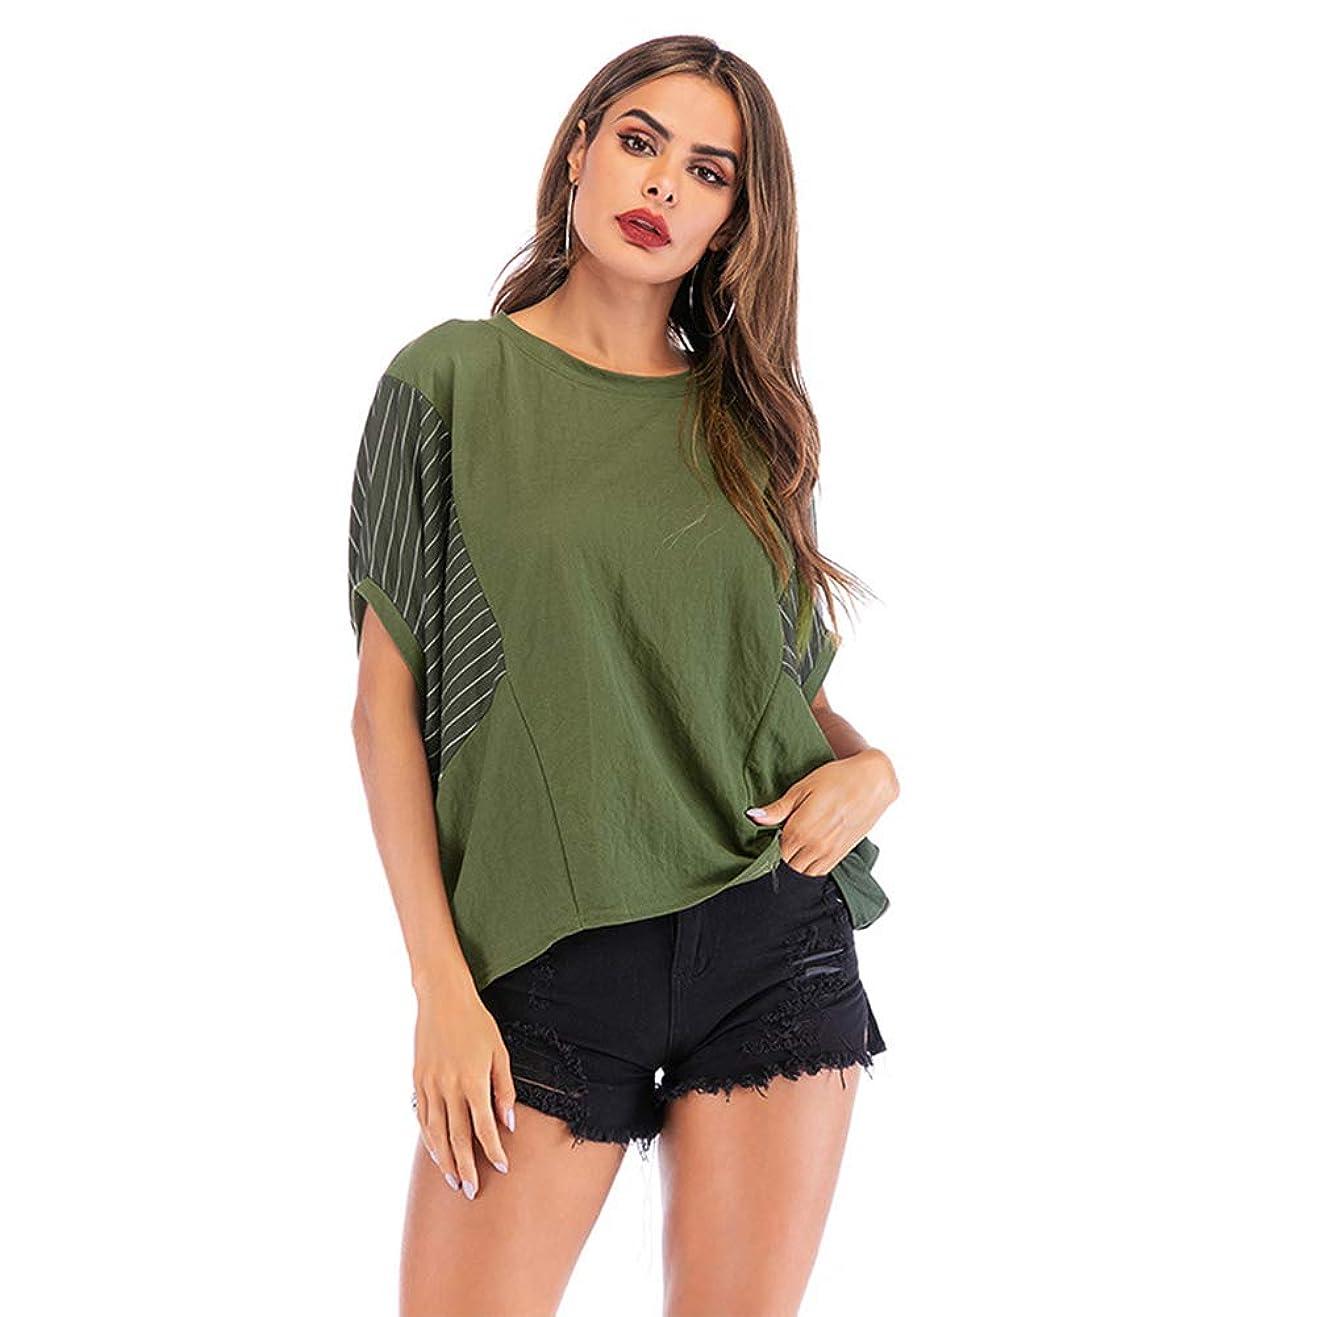 移動するなんとなくジャングル夏のバットスリーブスタイルの女性の半袖、ステッチコントラスト不規則な縞模様、ゆったりとした快適な、シンプルな雰囲気,XL